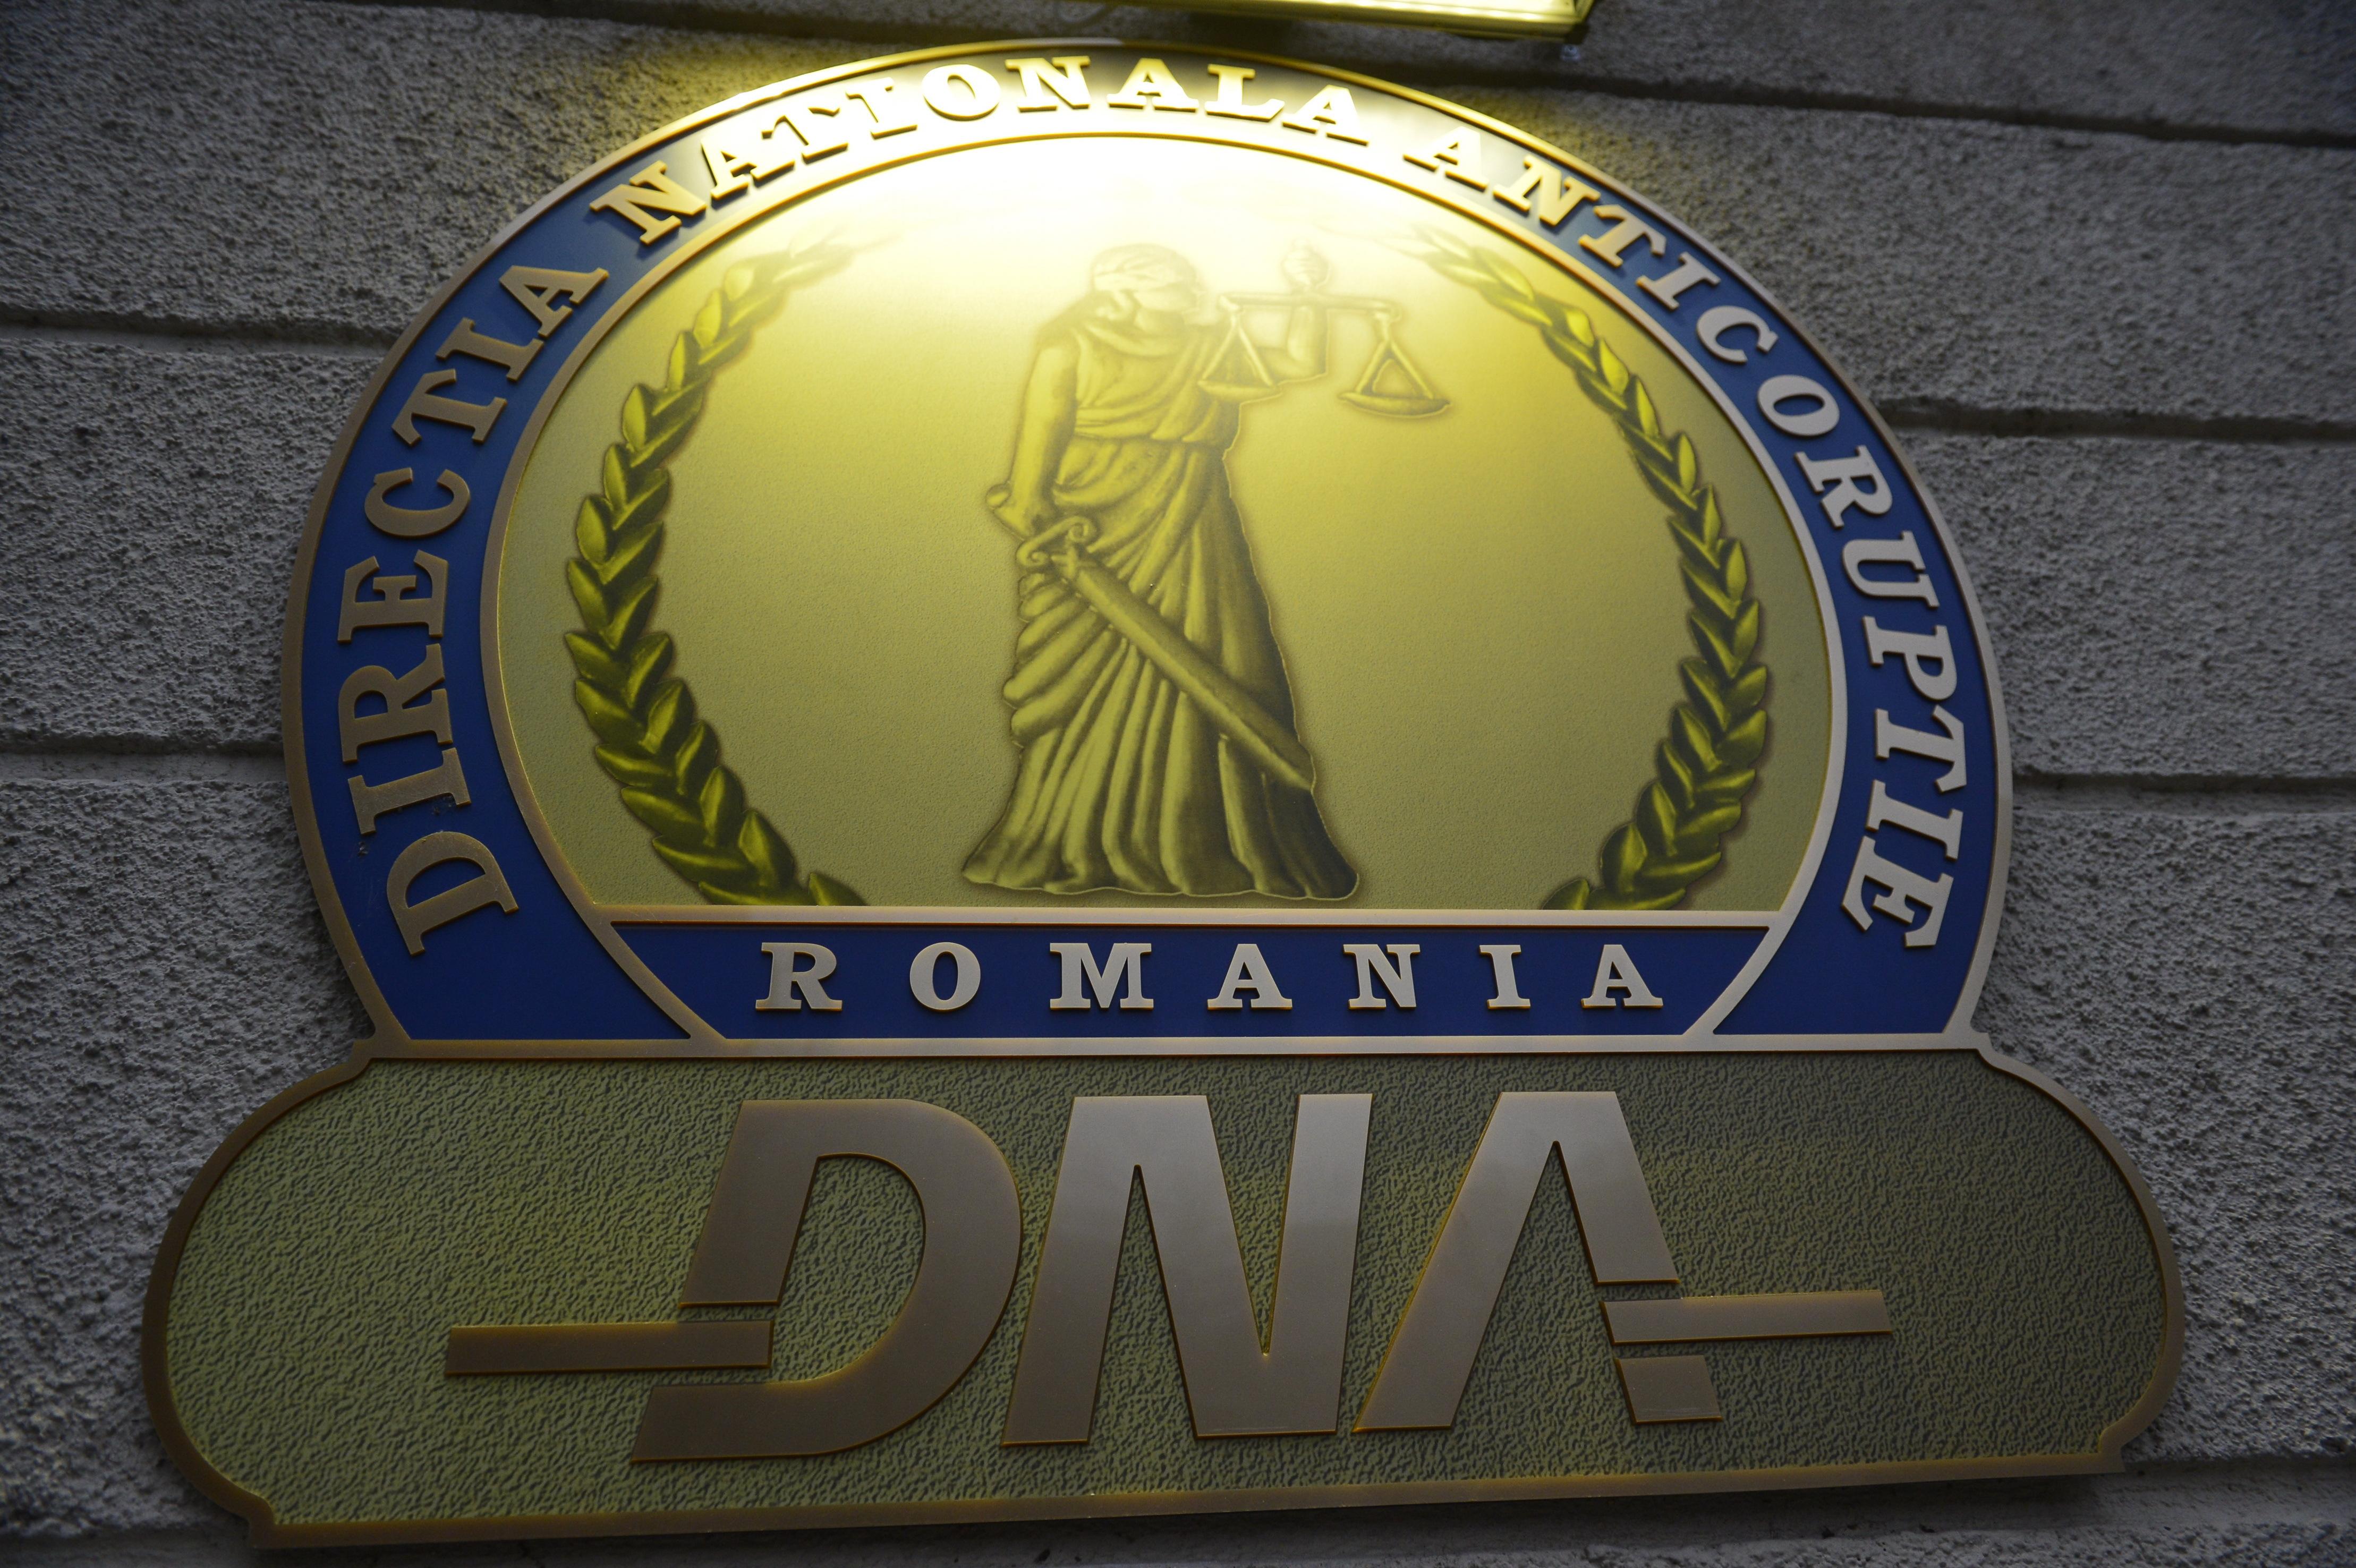 Inspecţia Judiciară a terminat RAPORTUL după controlul la DNA